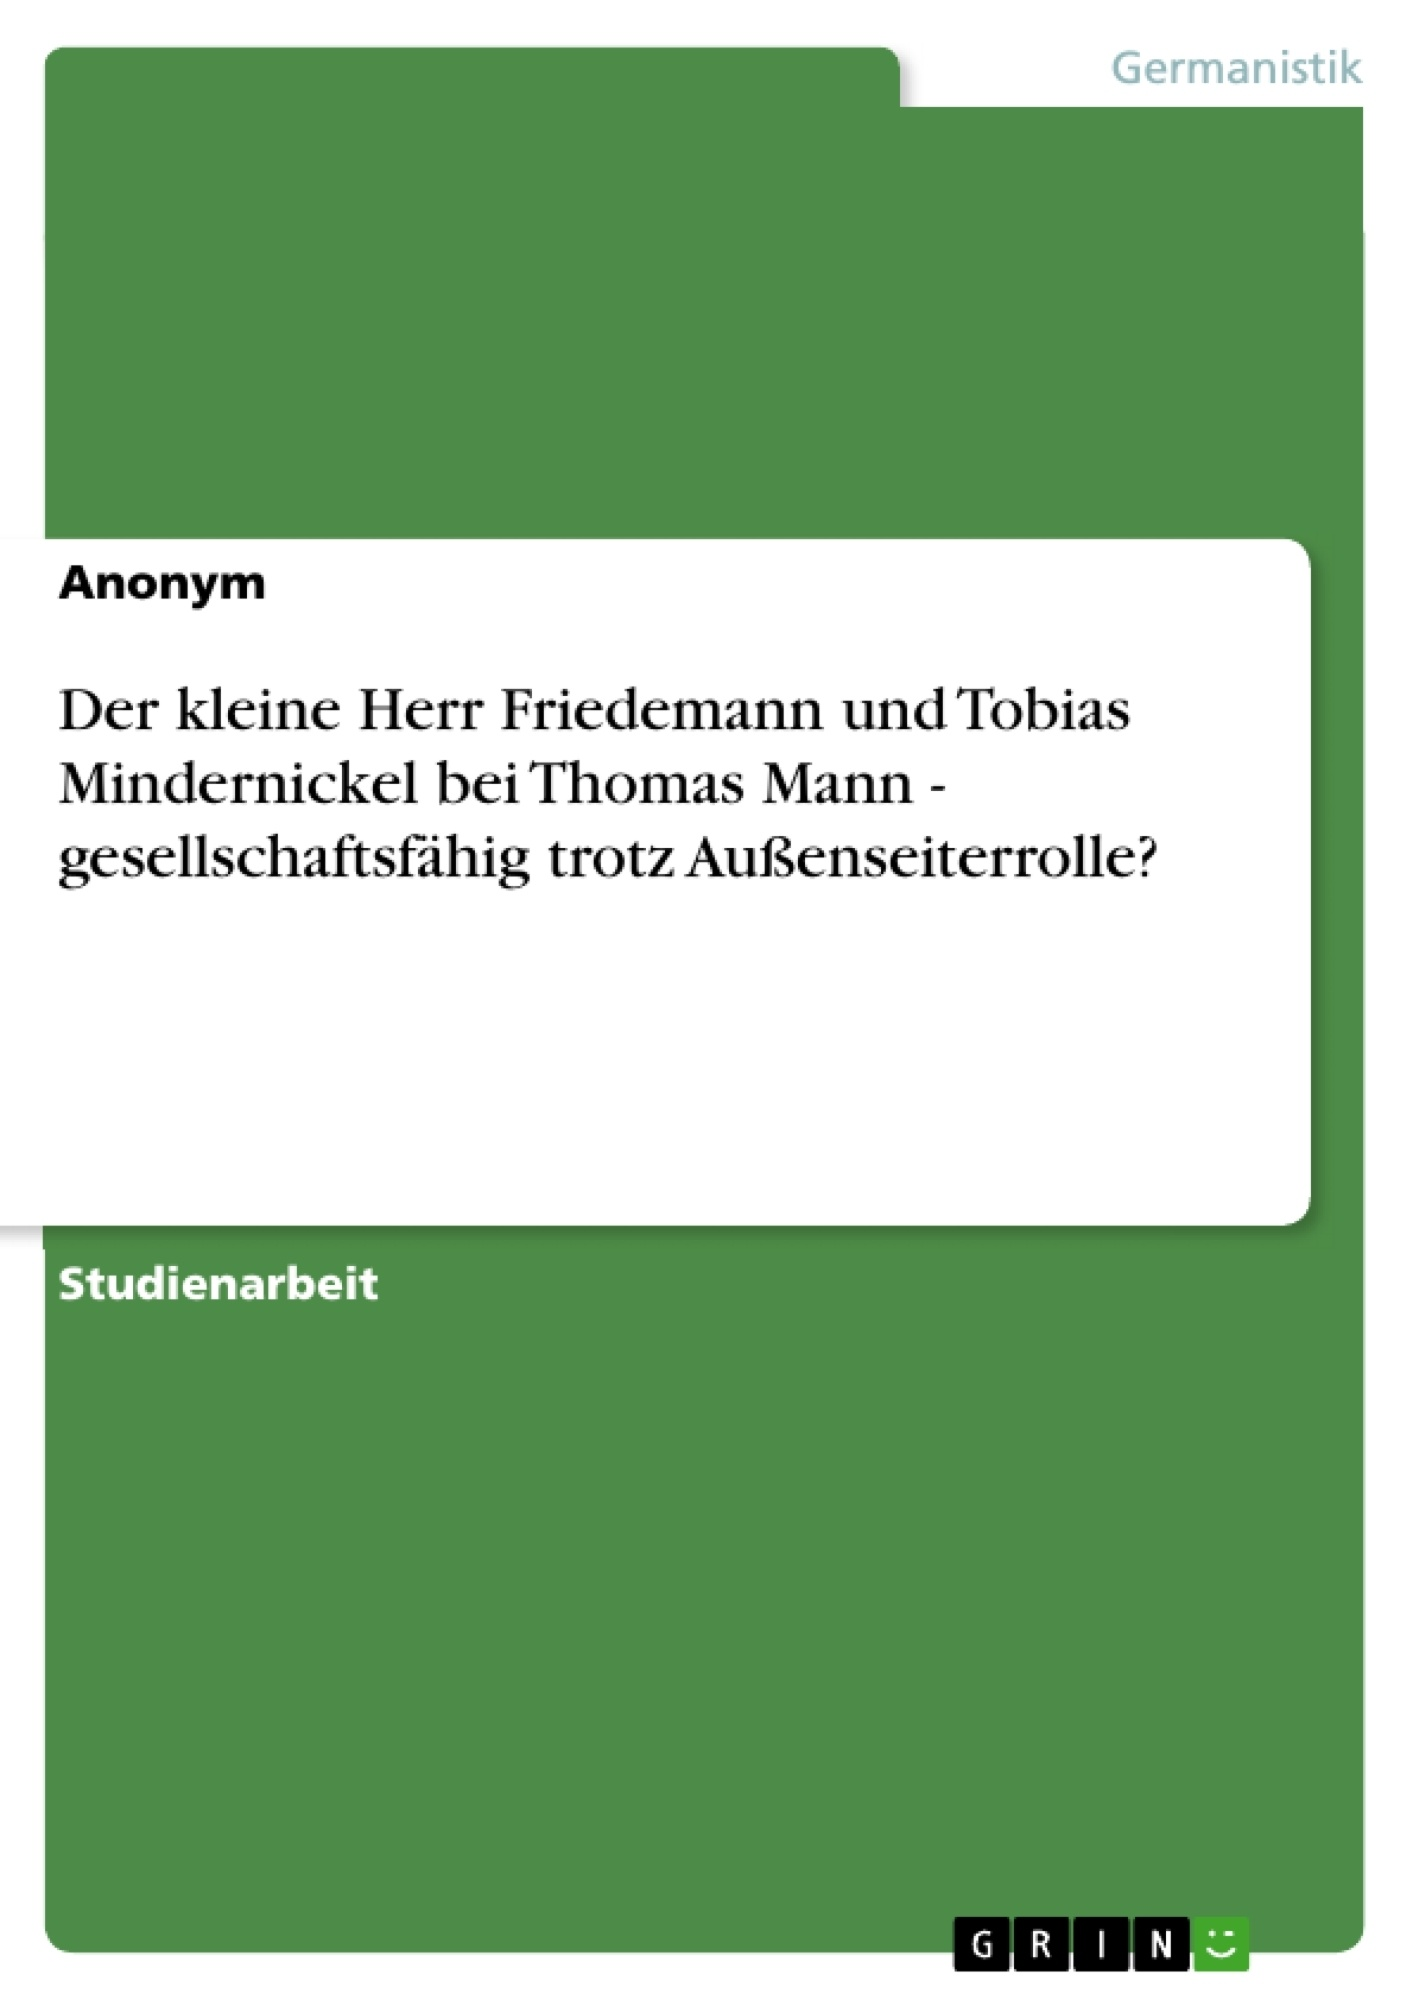 Titel: Der kleine Herr Friedemann und Tobias Mindernickel bei Thomas Mann - gesellschaftsfähig trotz Außenseiterrolle?